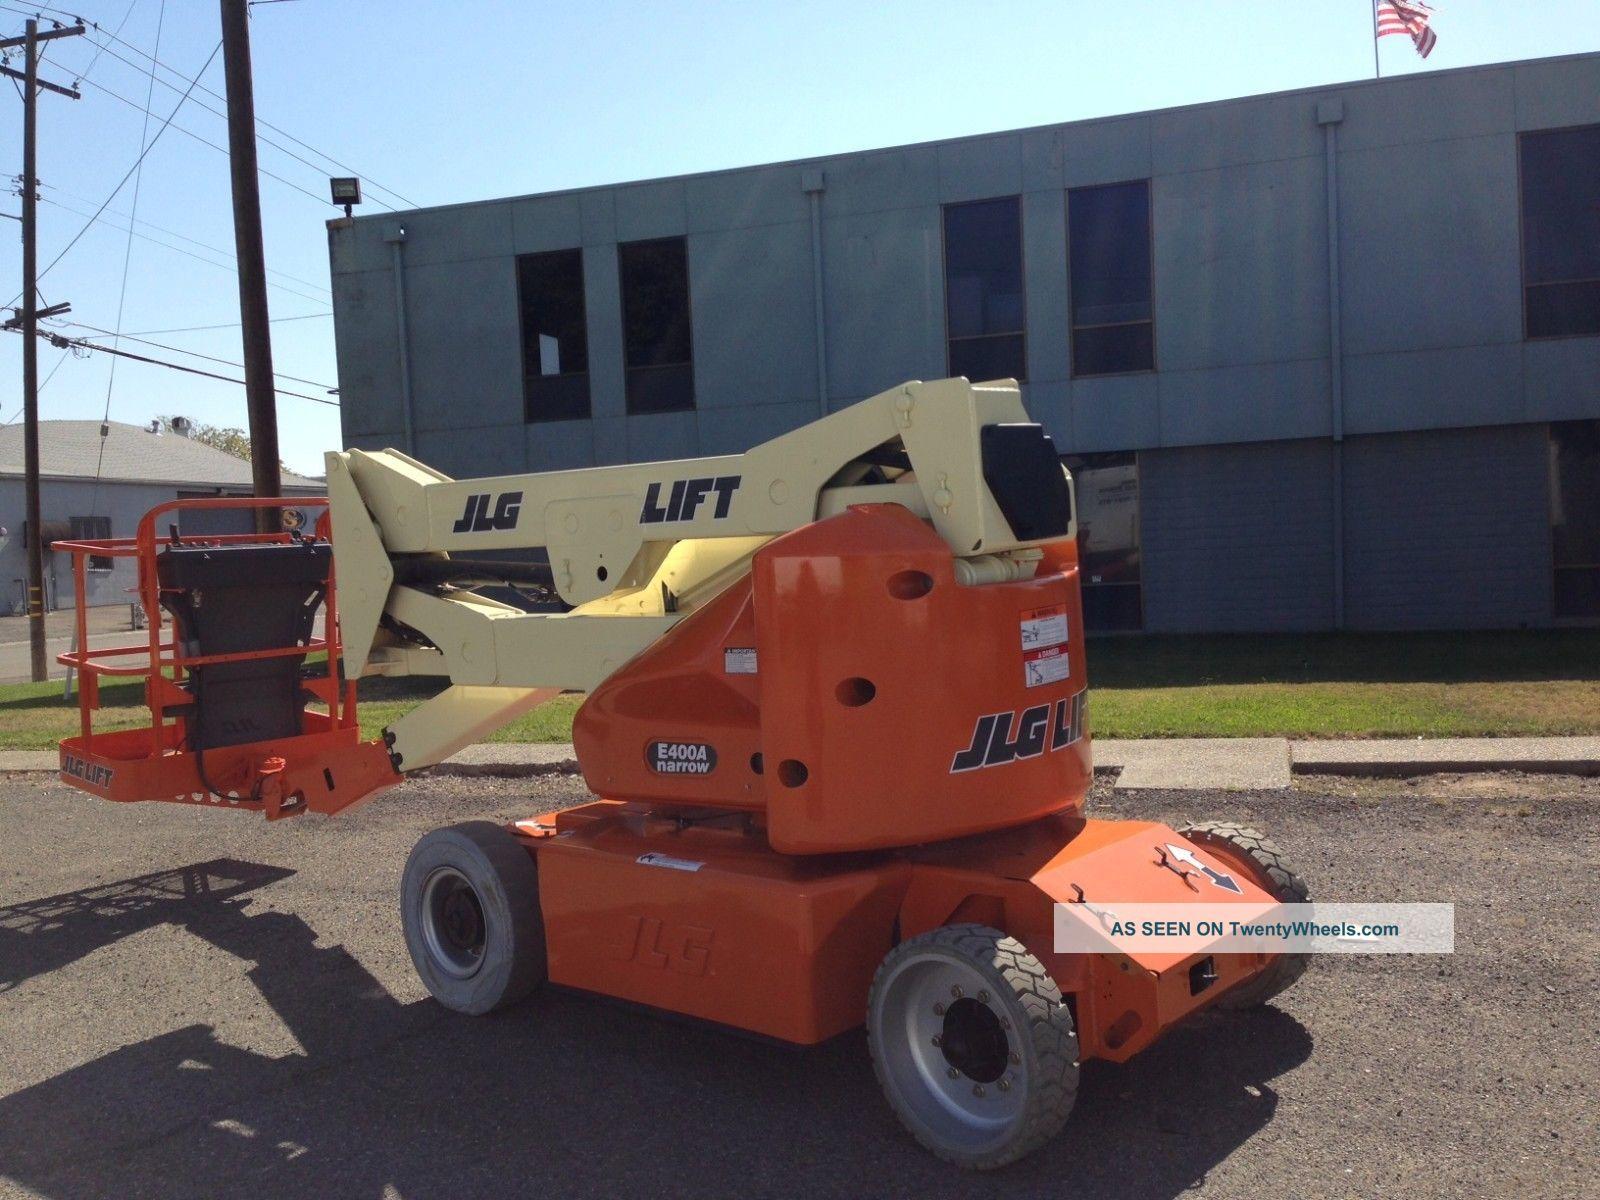 Jlg E400a Narrow Boomb Lift